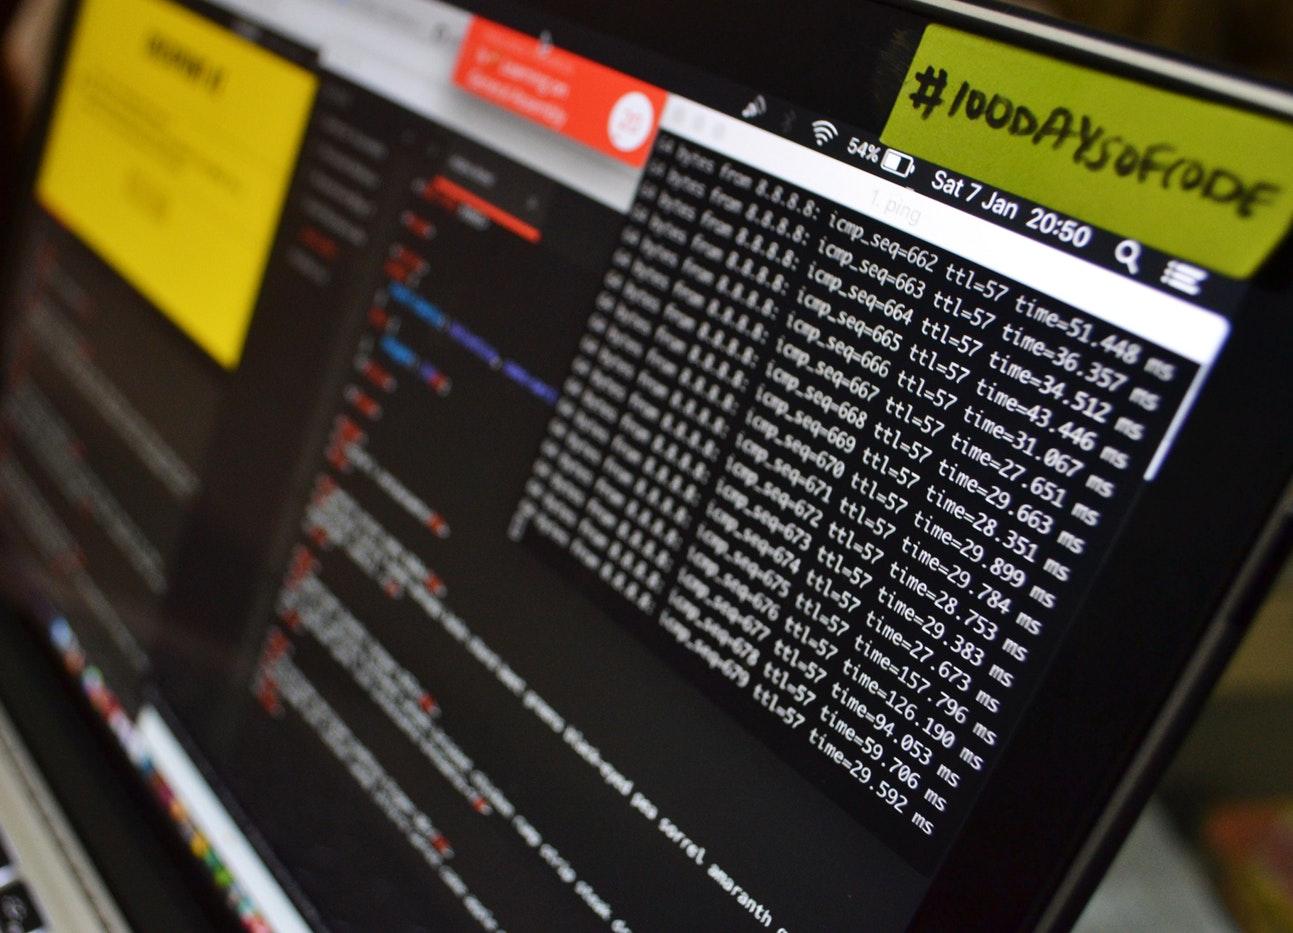 مطلوب  Web Developer and Web Programmer لشركة في اسطنبول